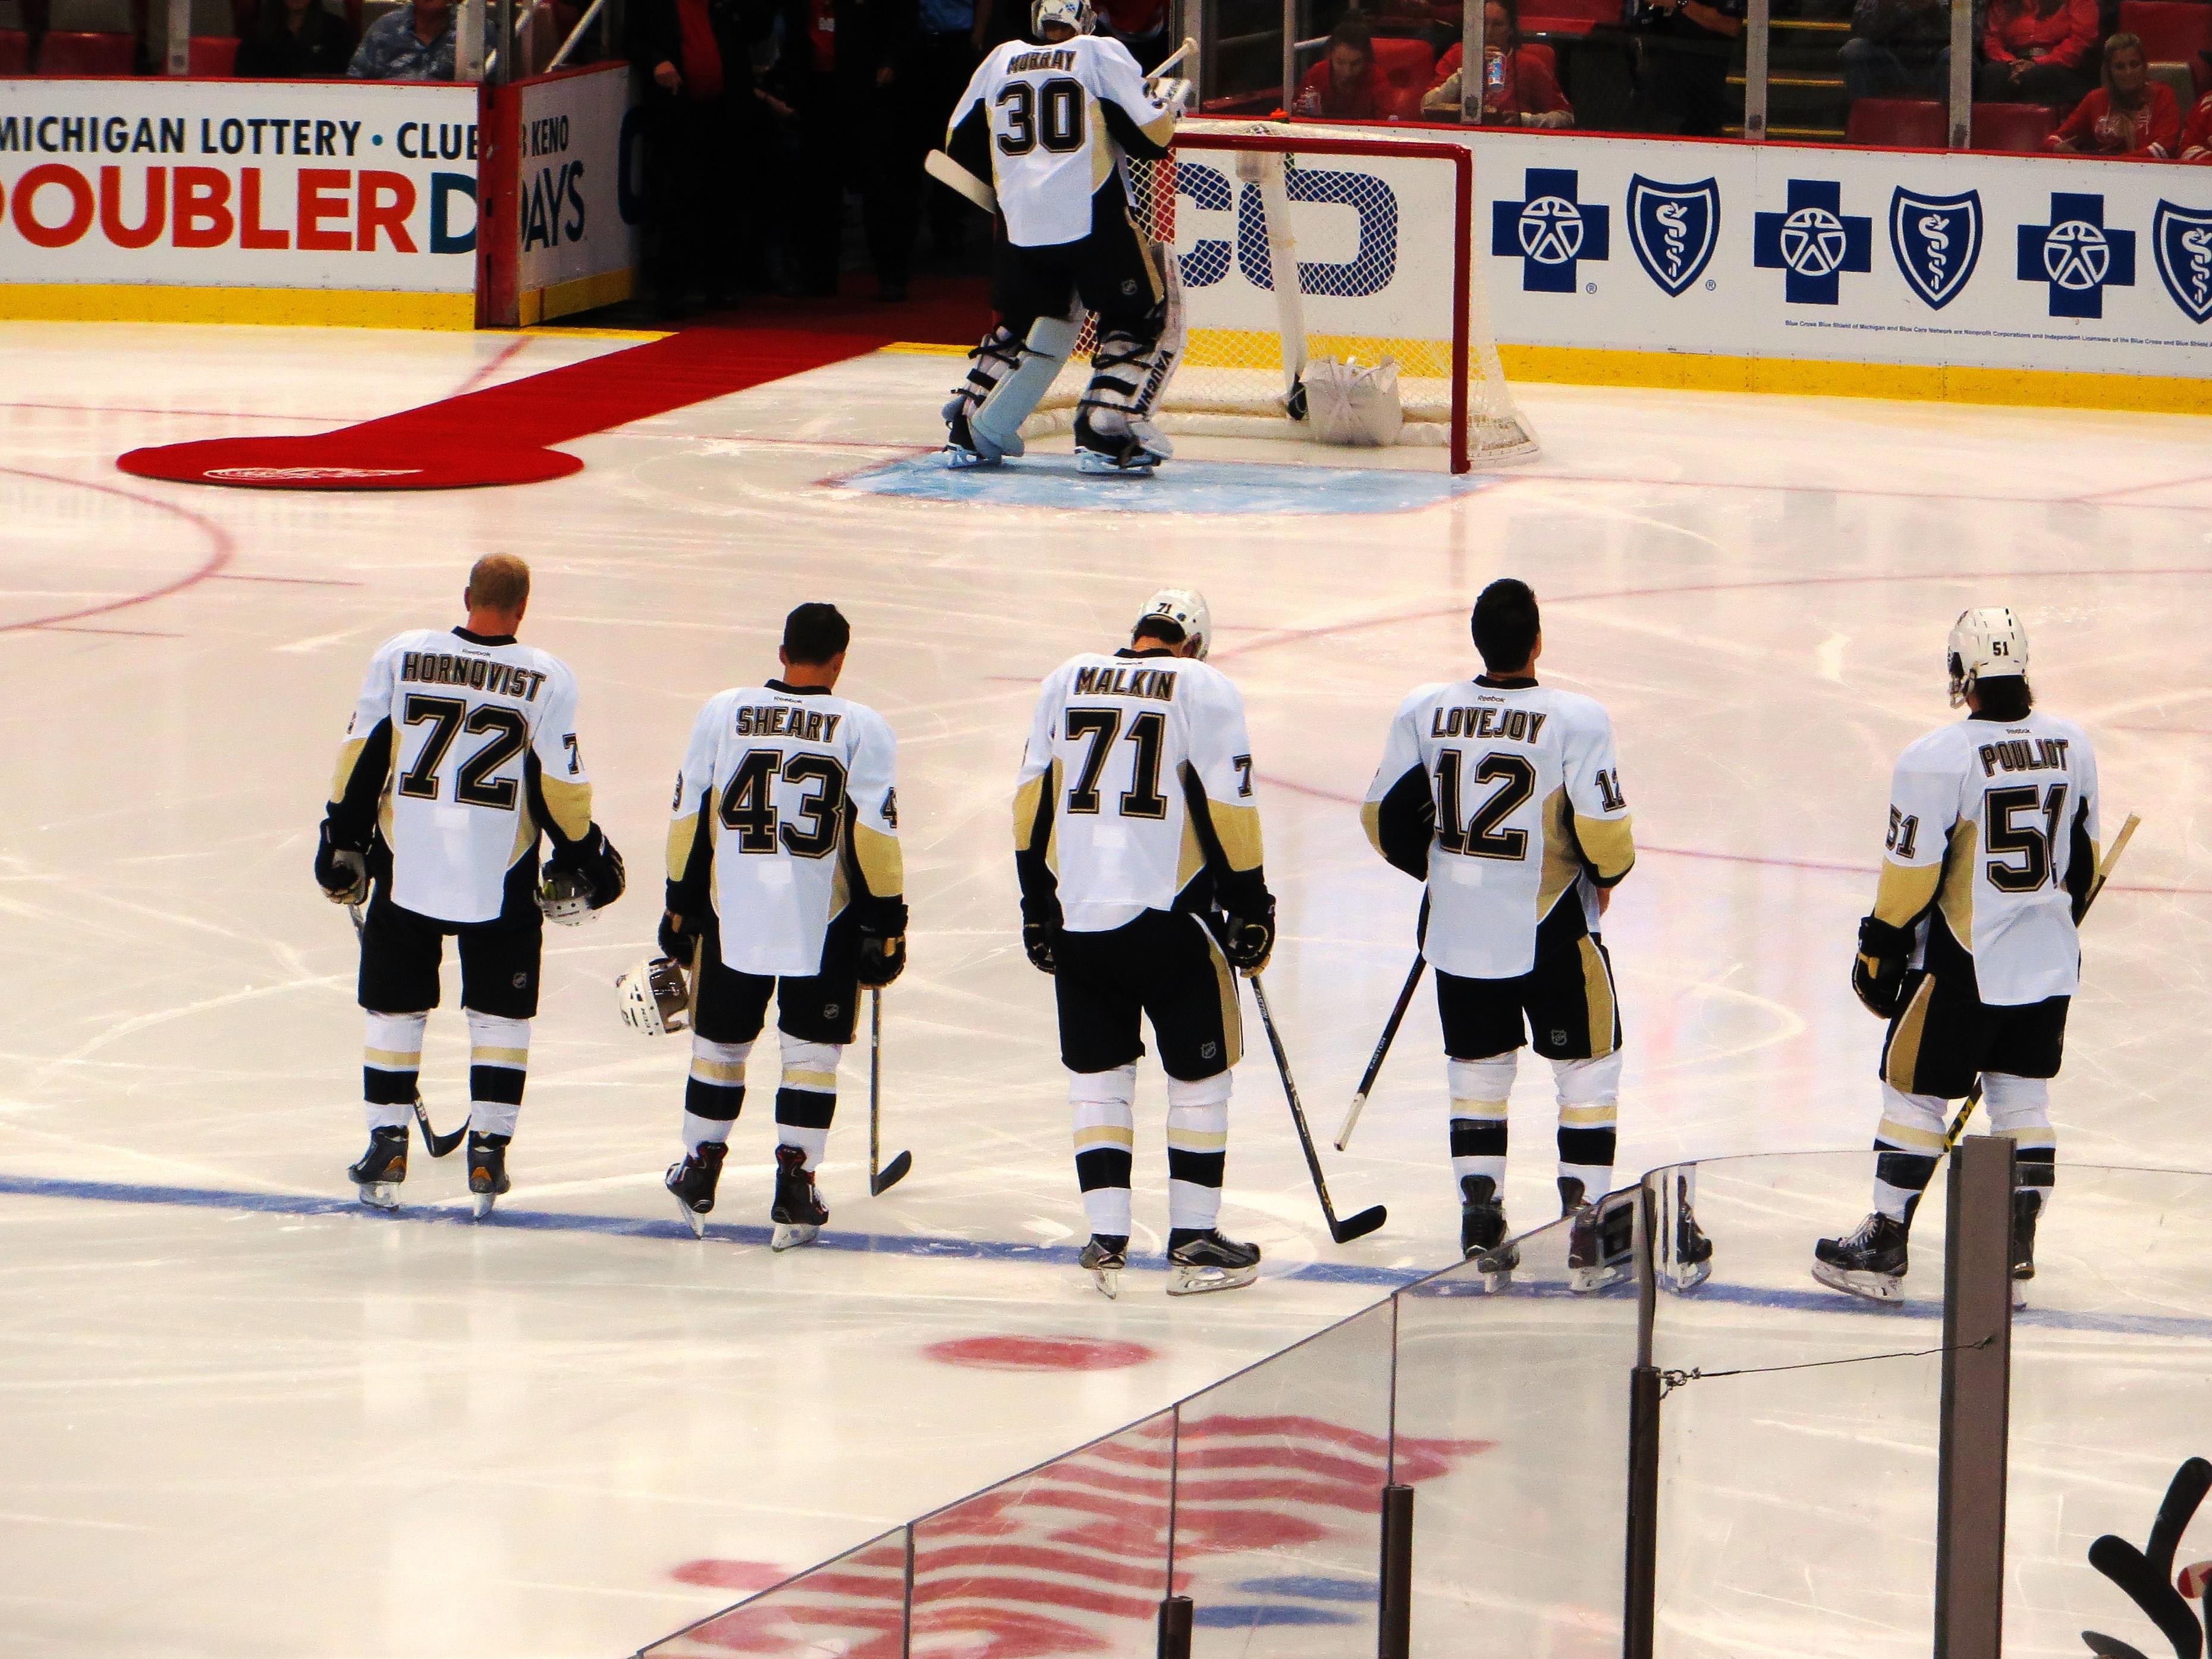 Erfreut Pittsburgh Penguins Kfz Kennzeichenrahmen Fotos ...